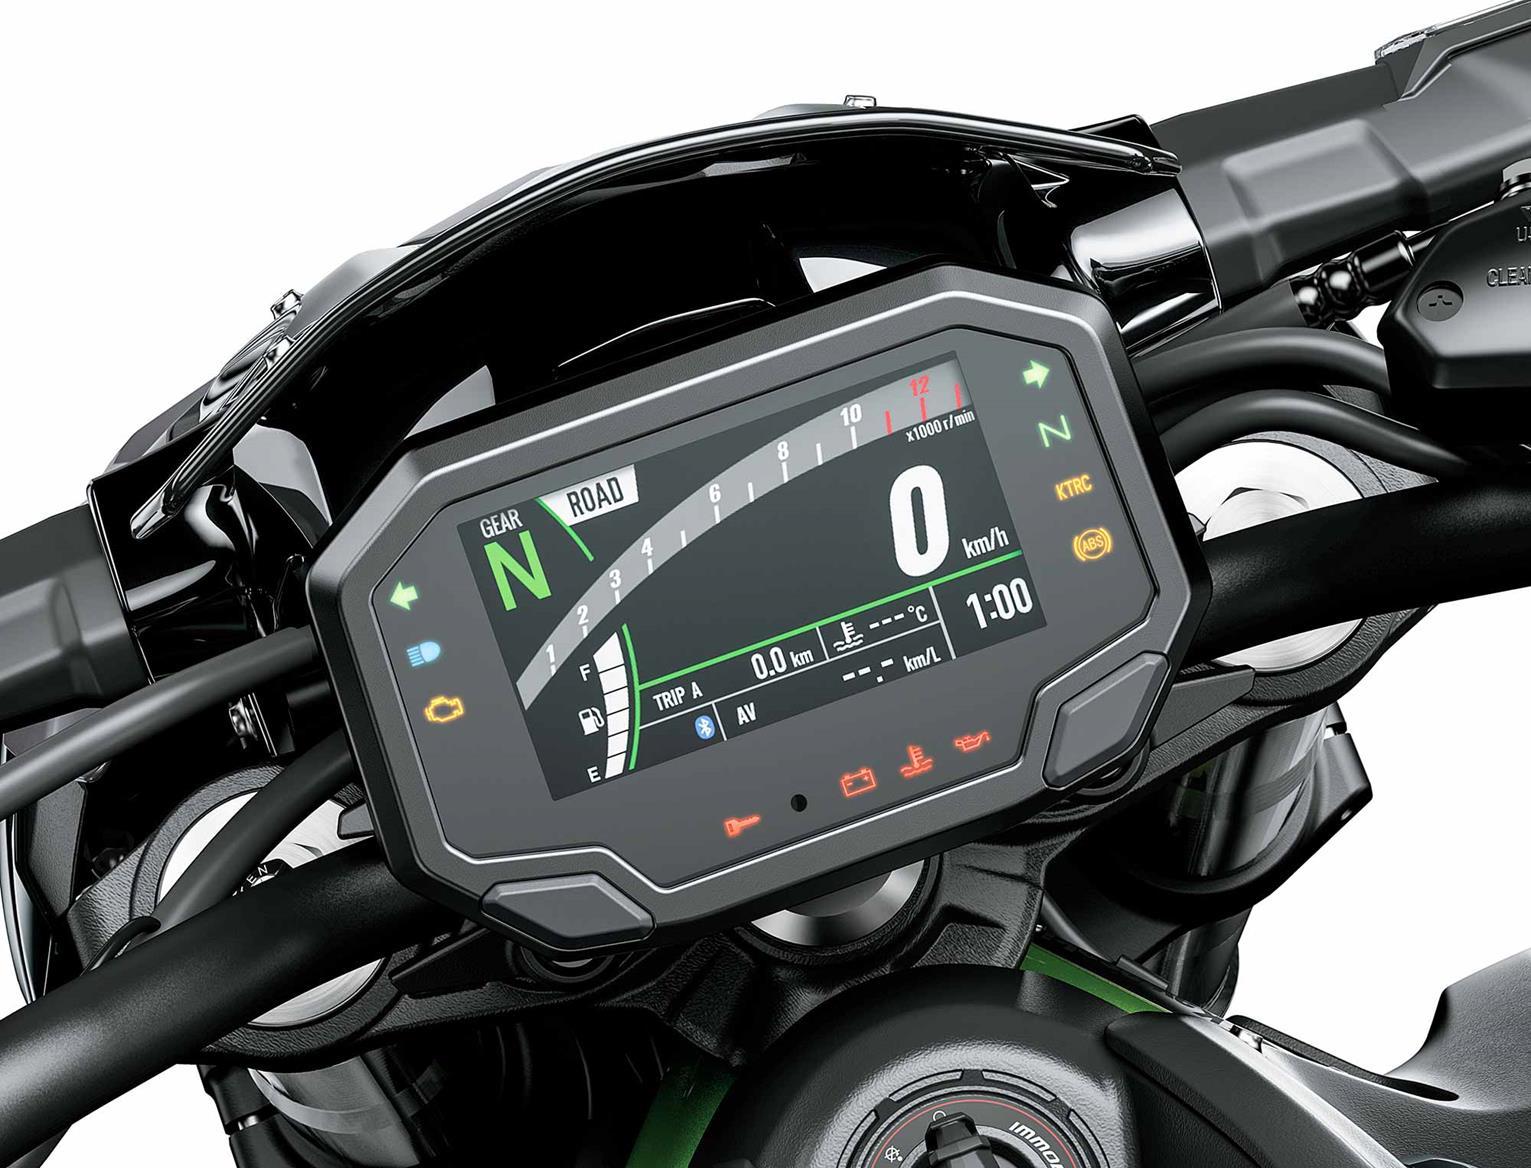 2020 Kawasaki Z900 TFT dash